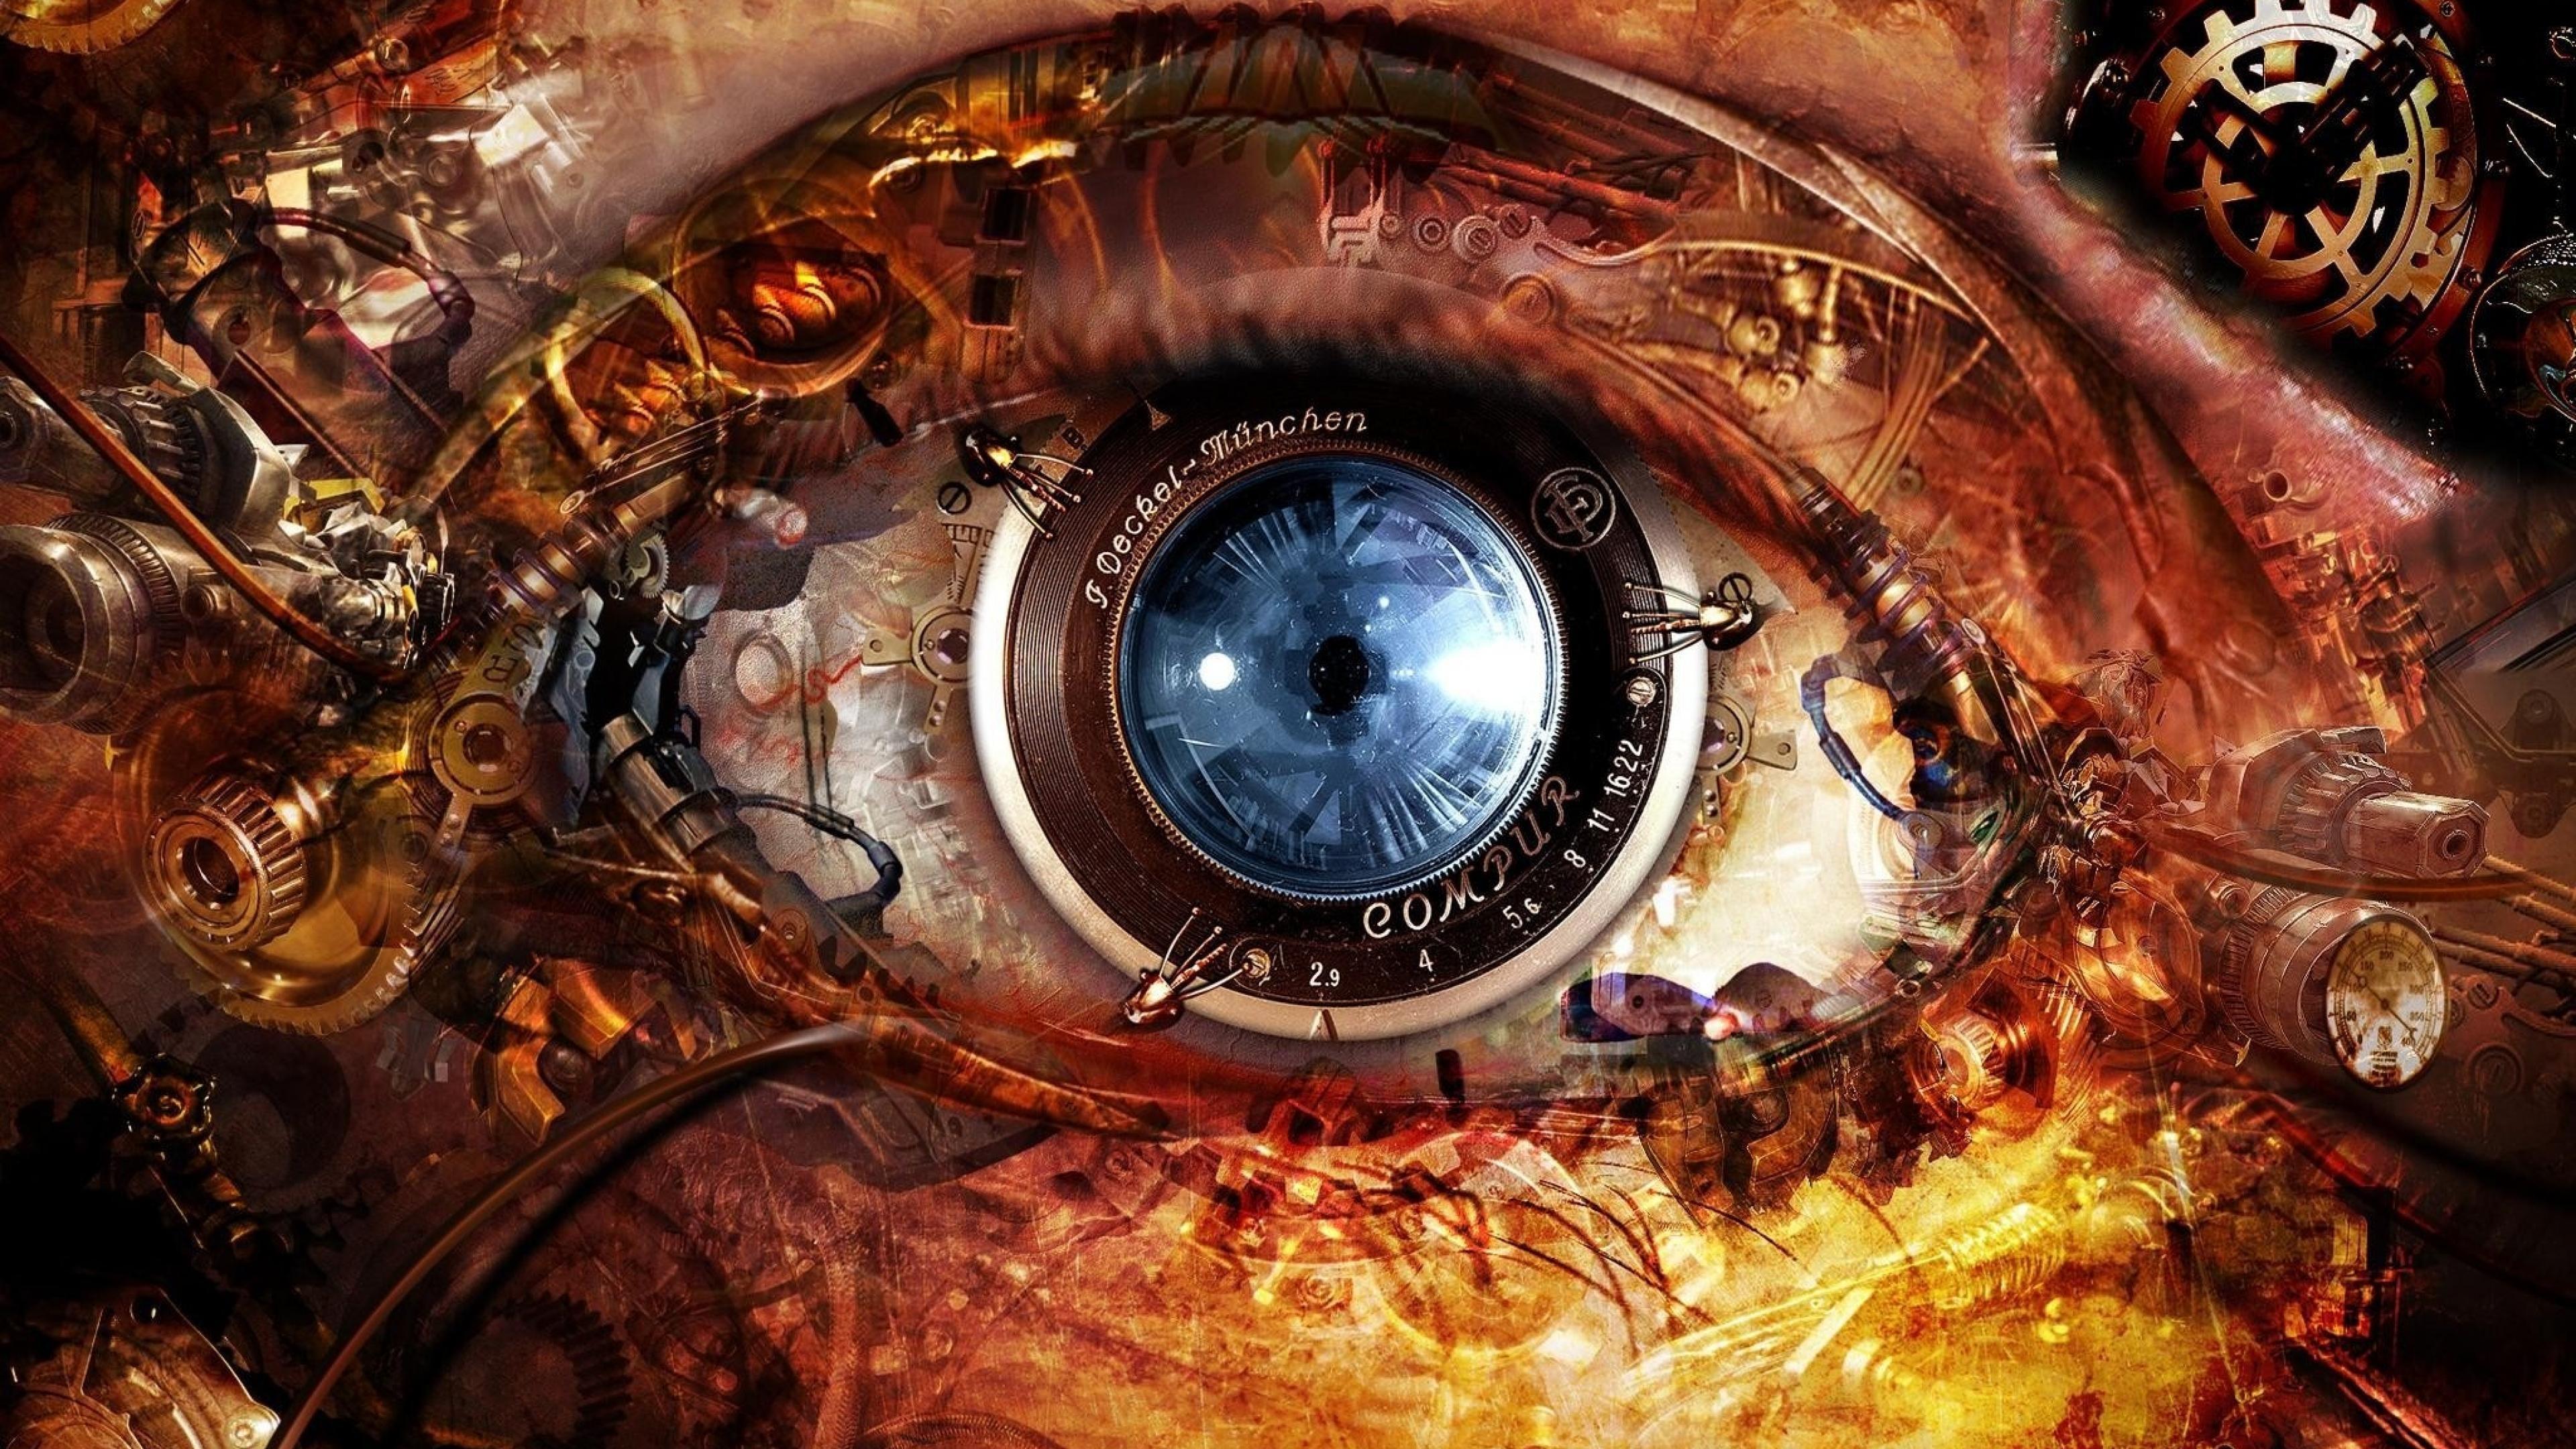 Electronic Eye - Steampunk art wallpaper